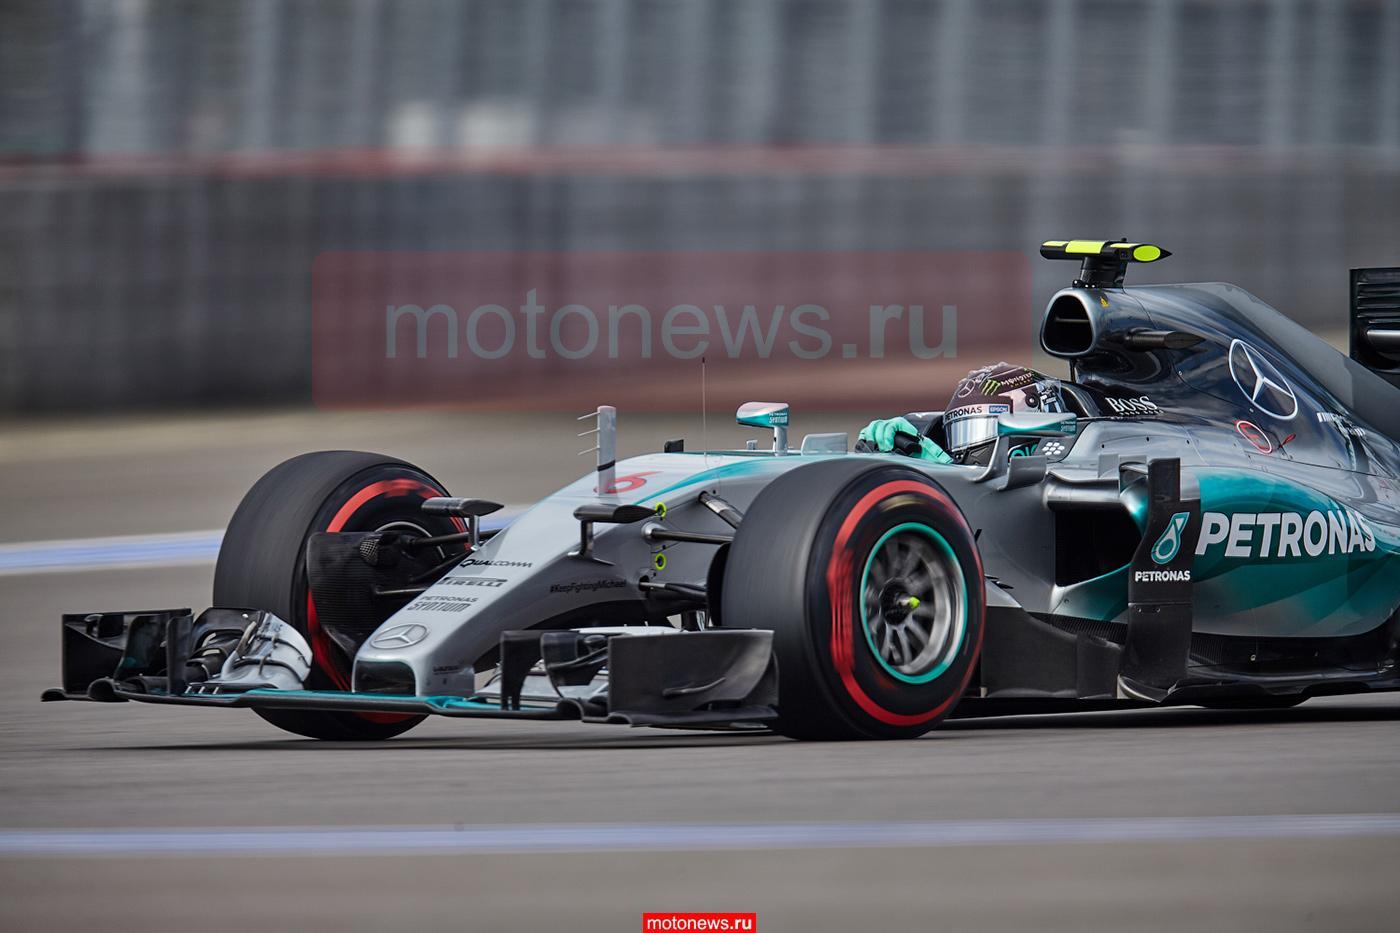 В Сочи во второй раз состоялся этап Формулы-1 (Фотогалерея)